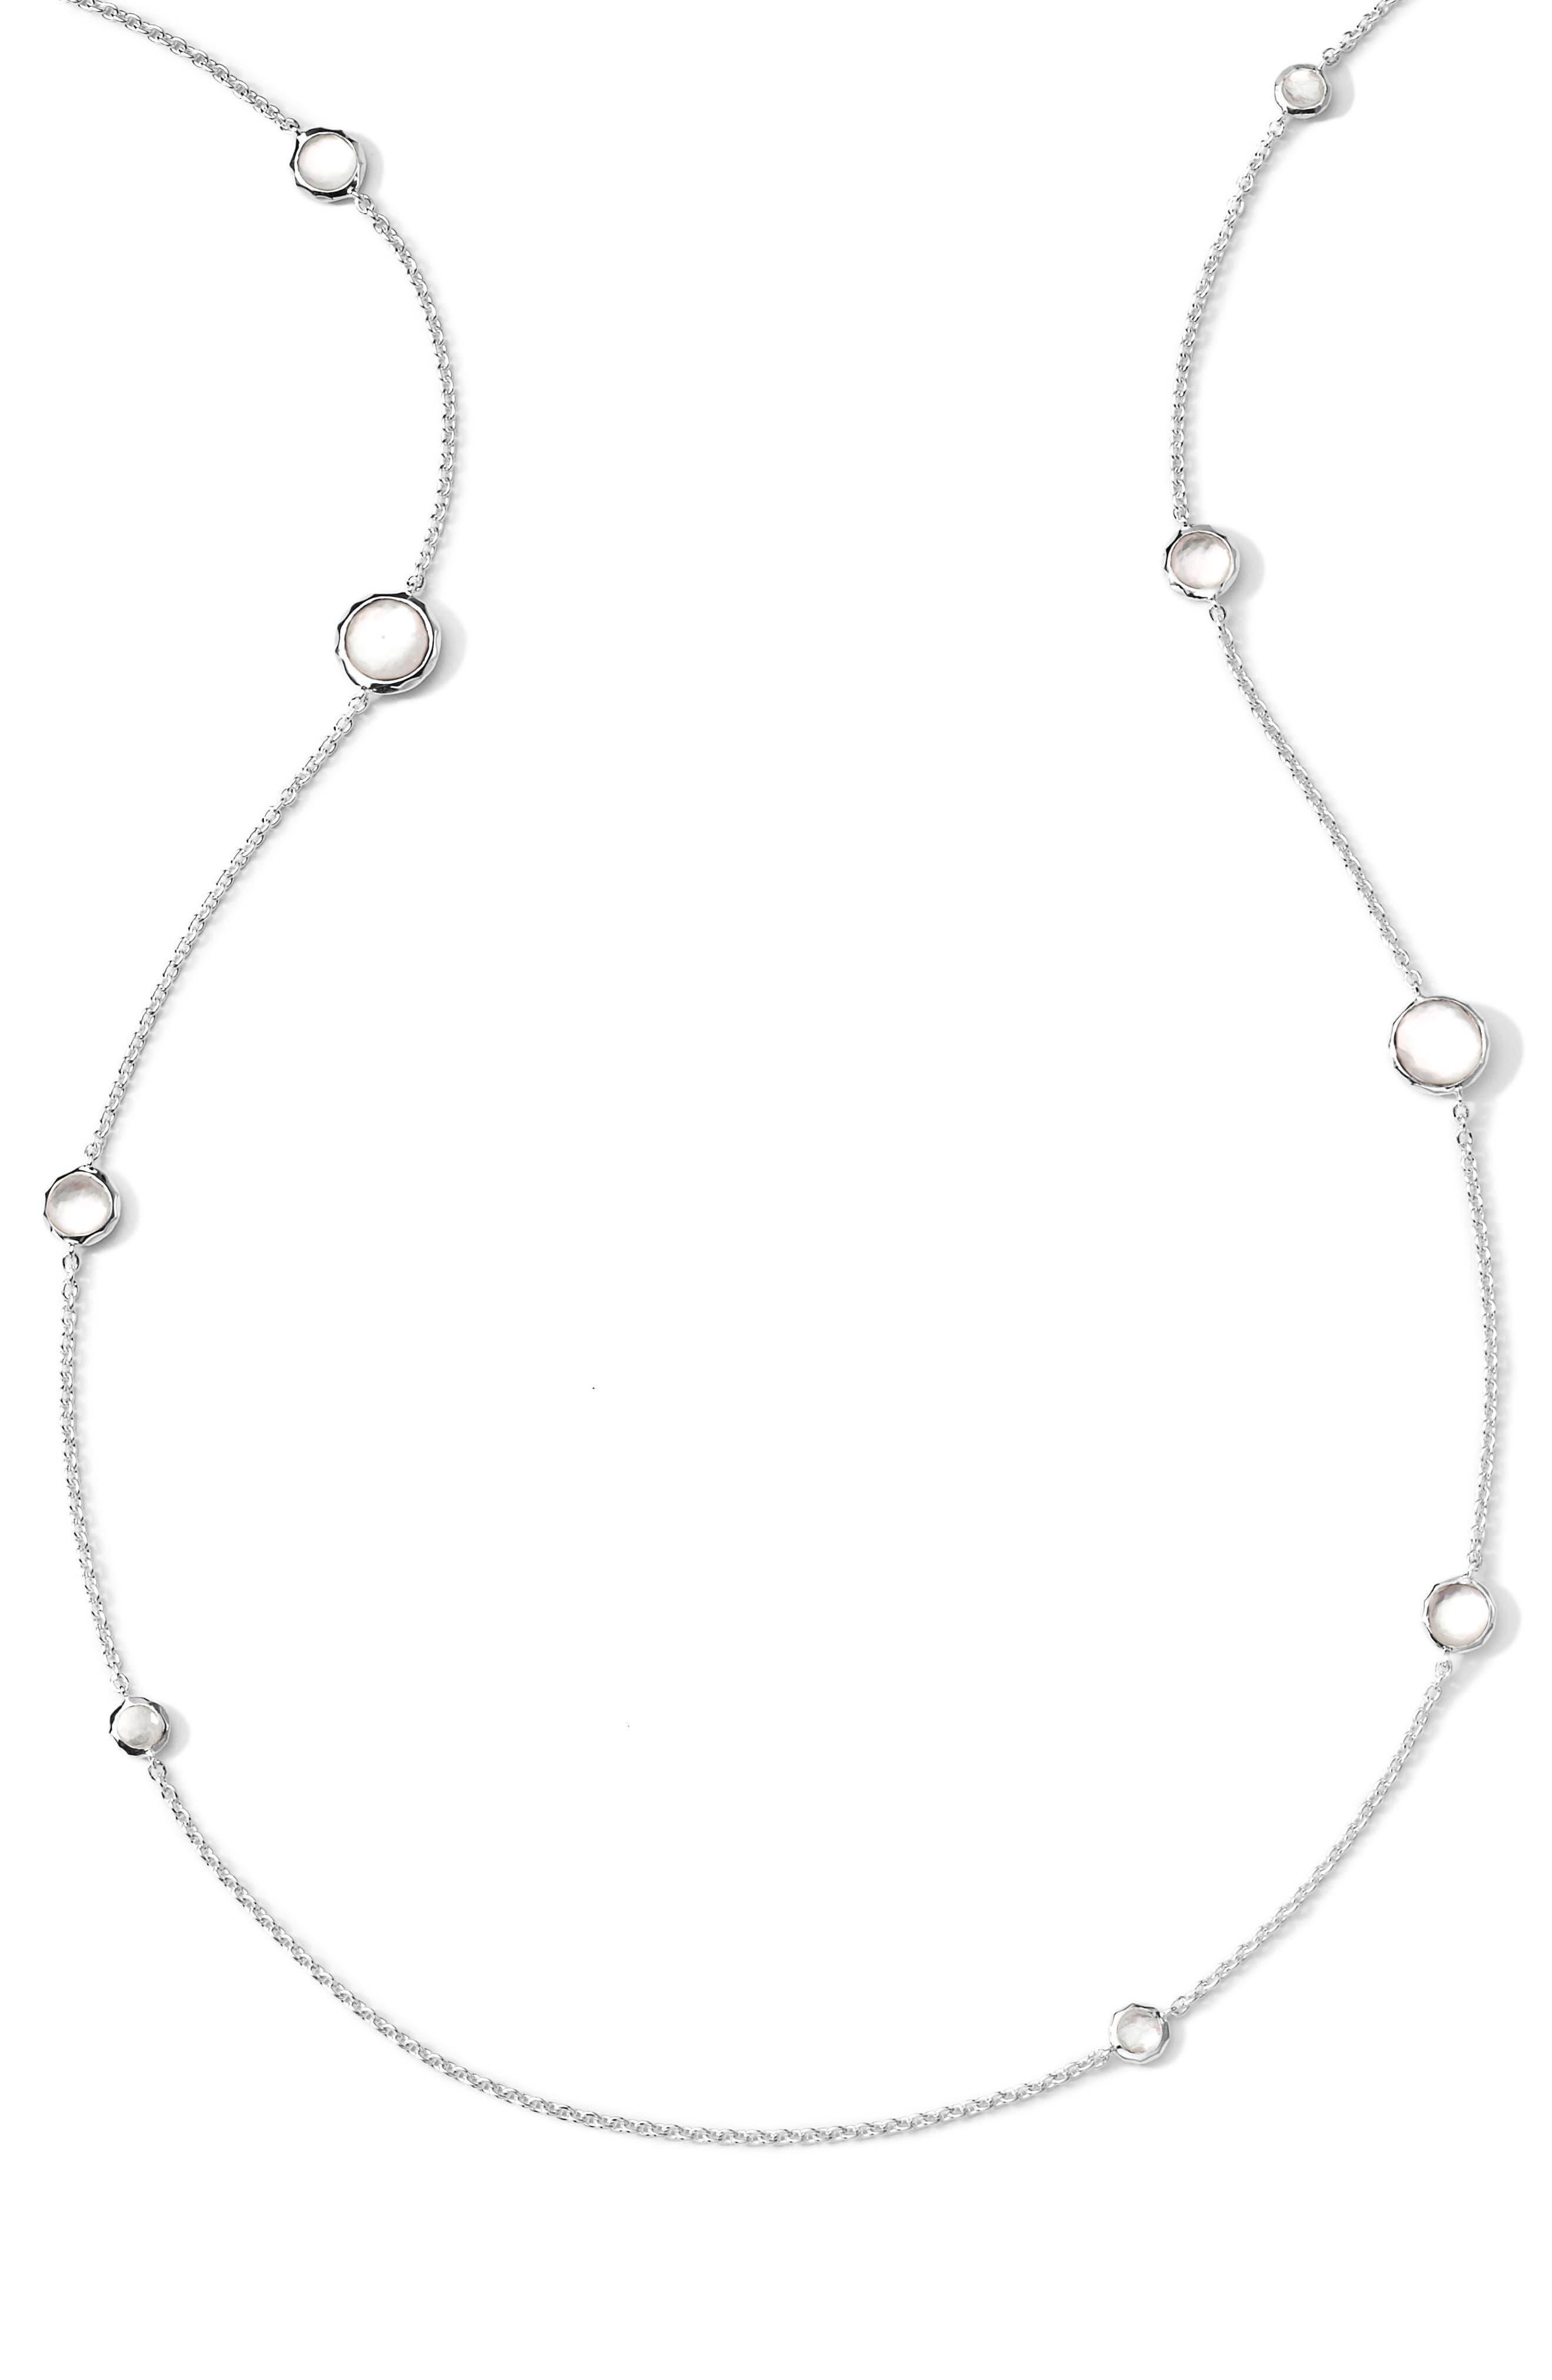 'Rock Candy - Lollipop' Long Necklace,                             Main thumbnail 1, color,                             040